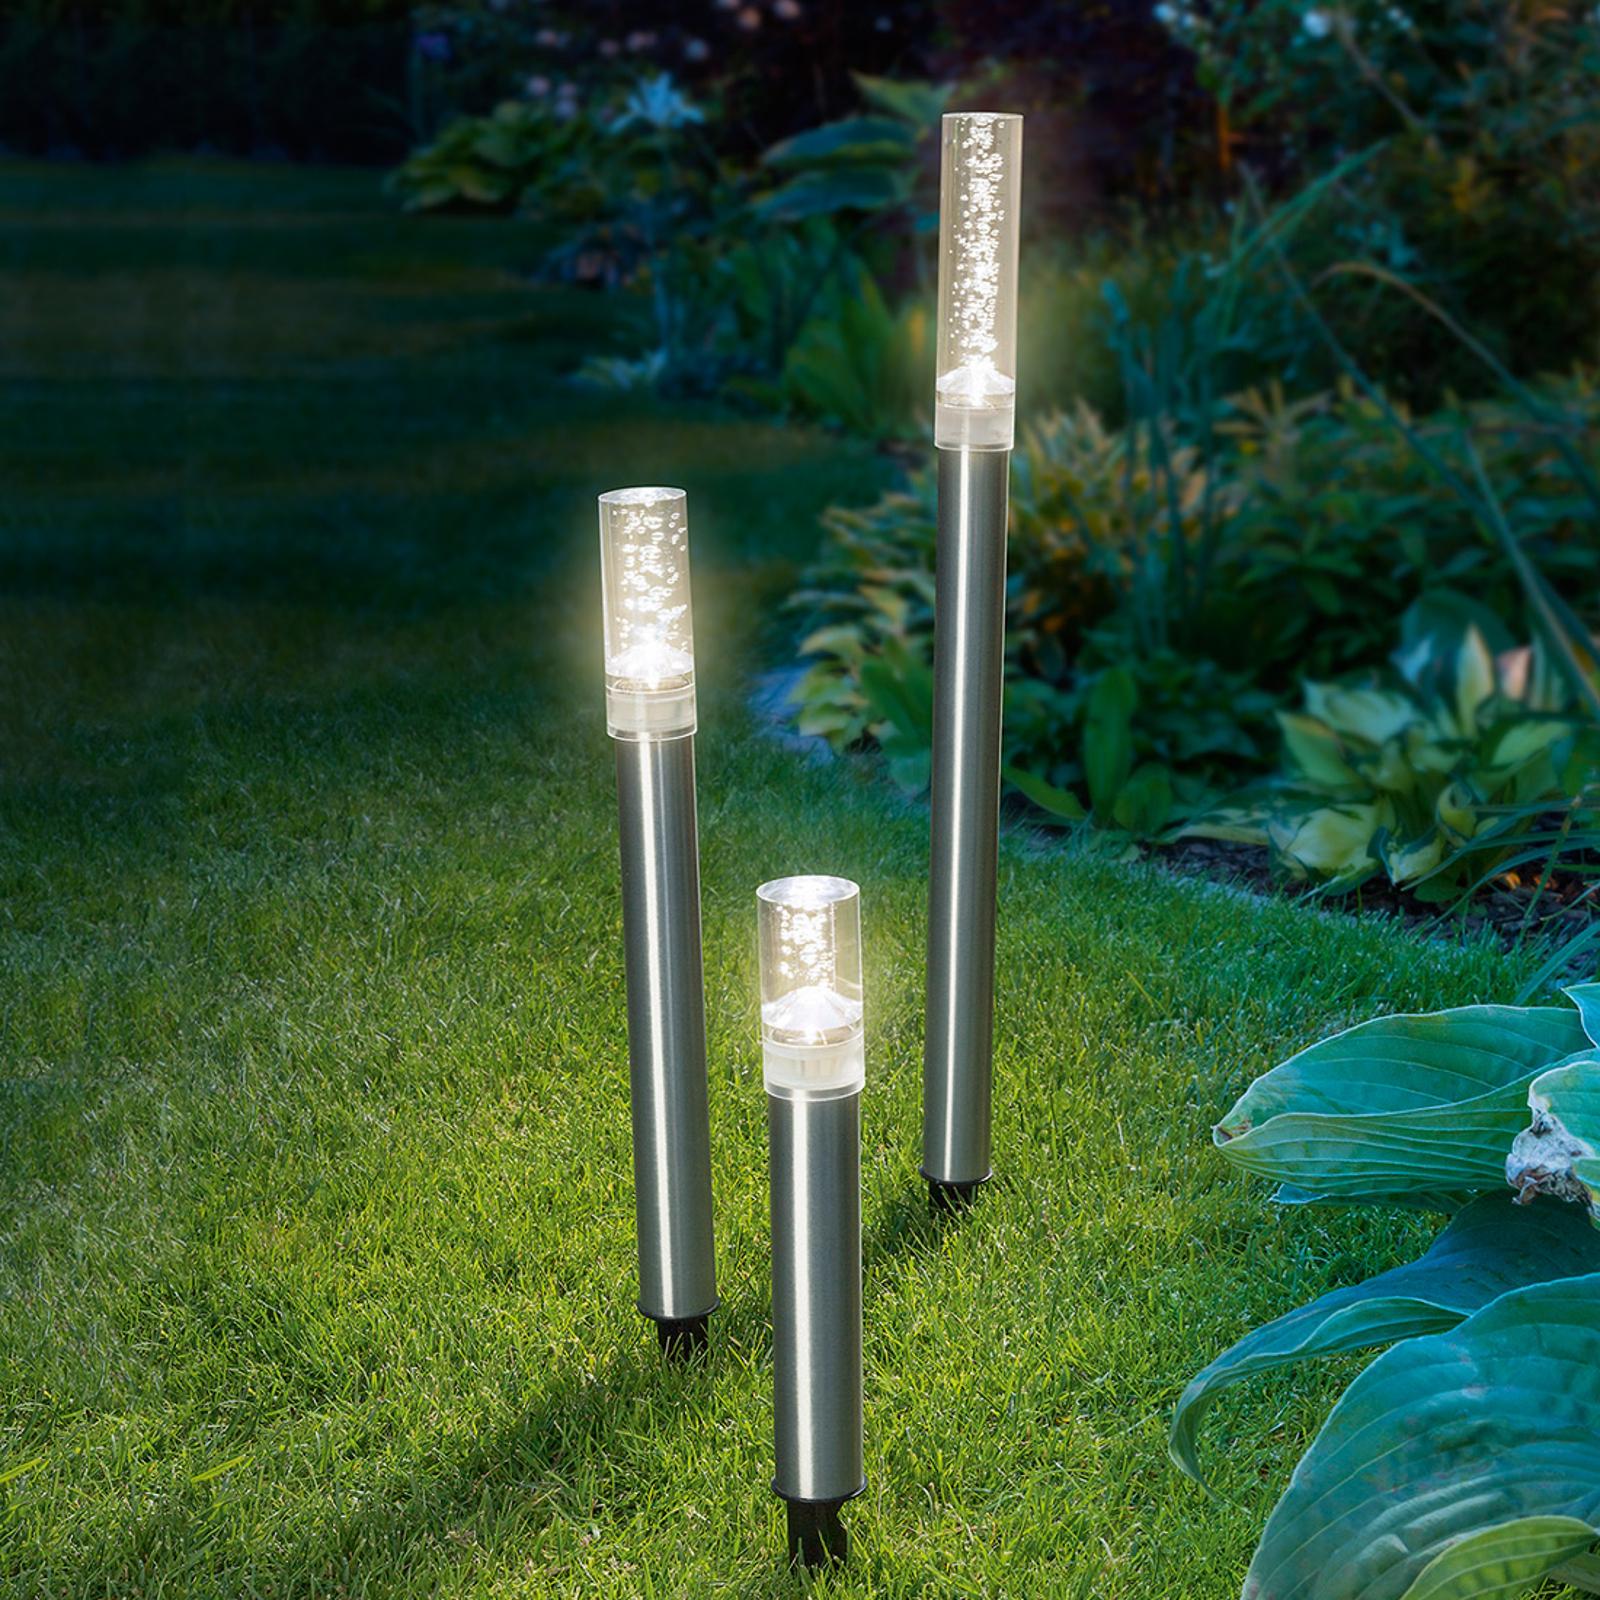 Barras luminosas solares LED Trio Sticks, 3 uds.